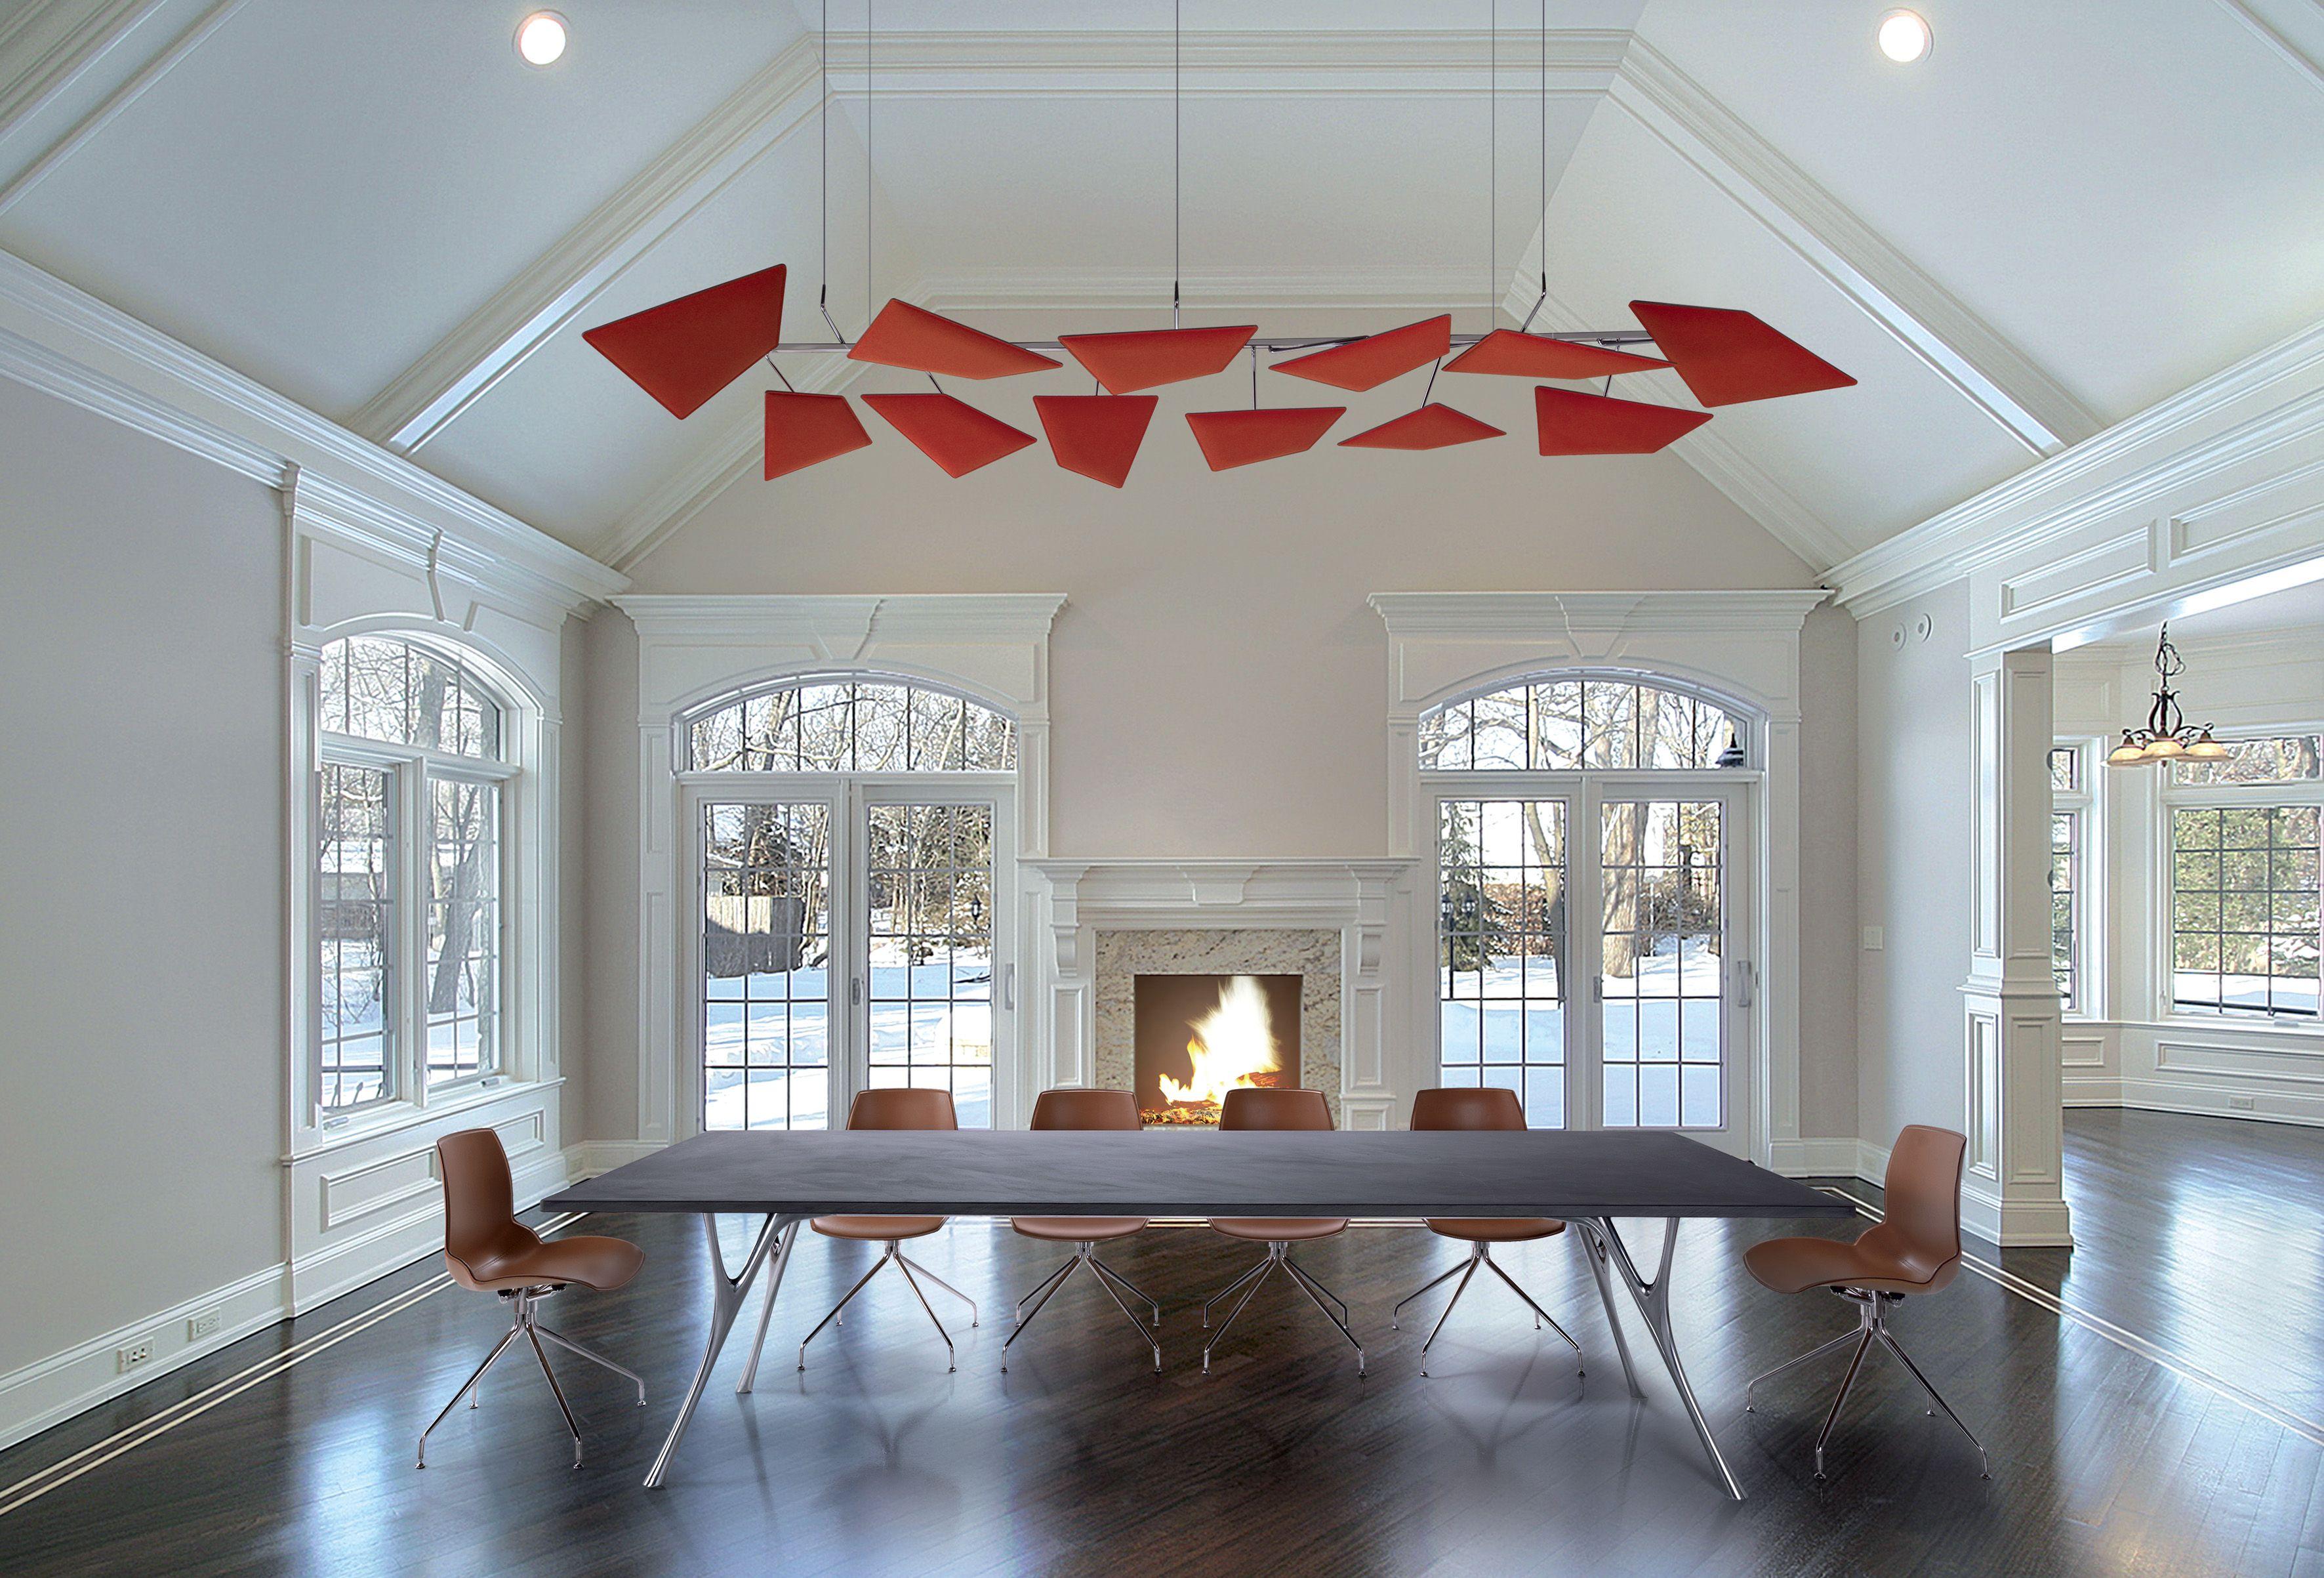 panneaux acoustiques flap de chez caimi optimiser l. Black Bedroom Furniture Sets. Home Design Ideas